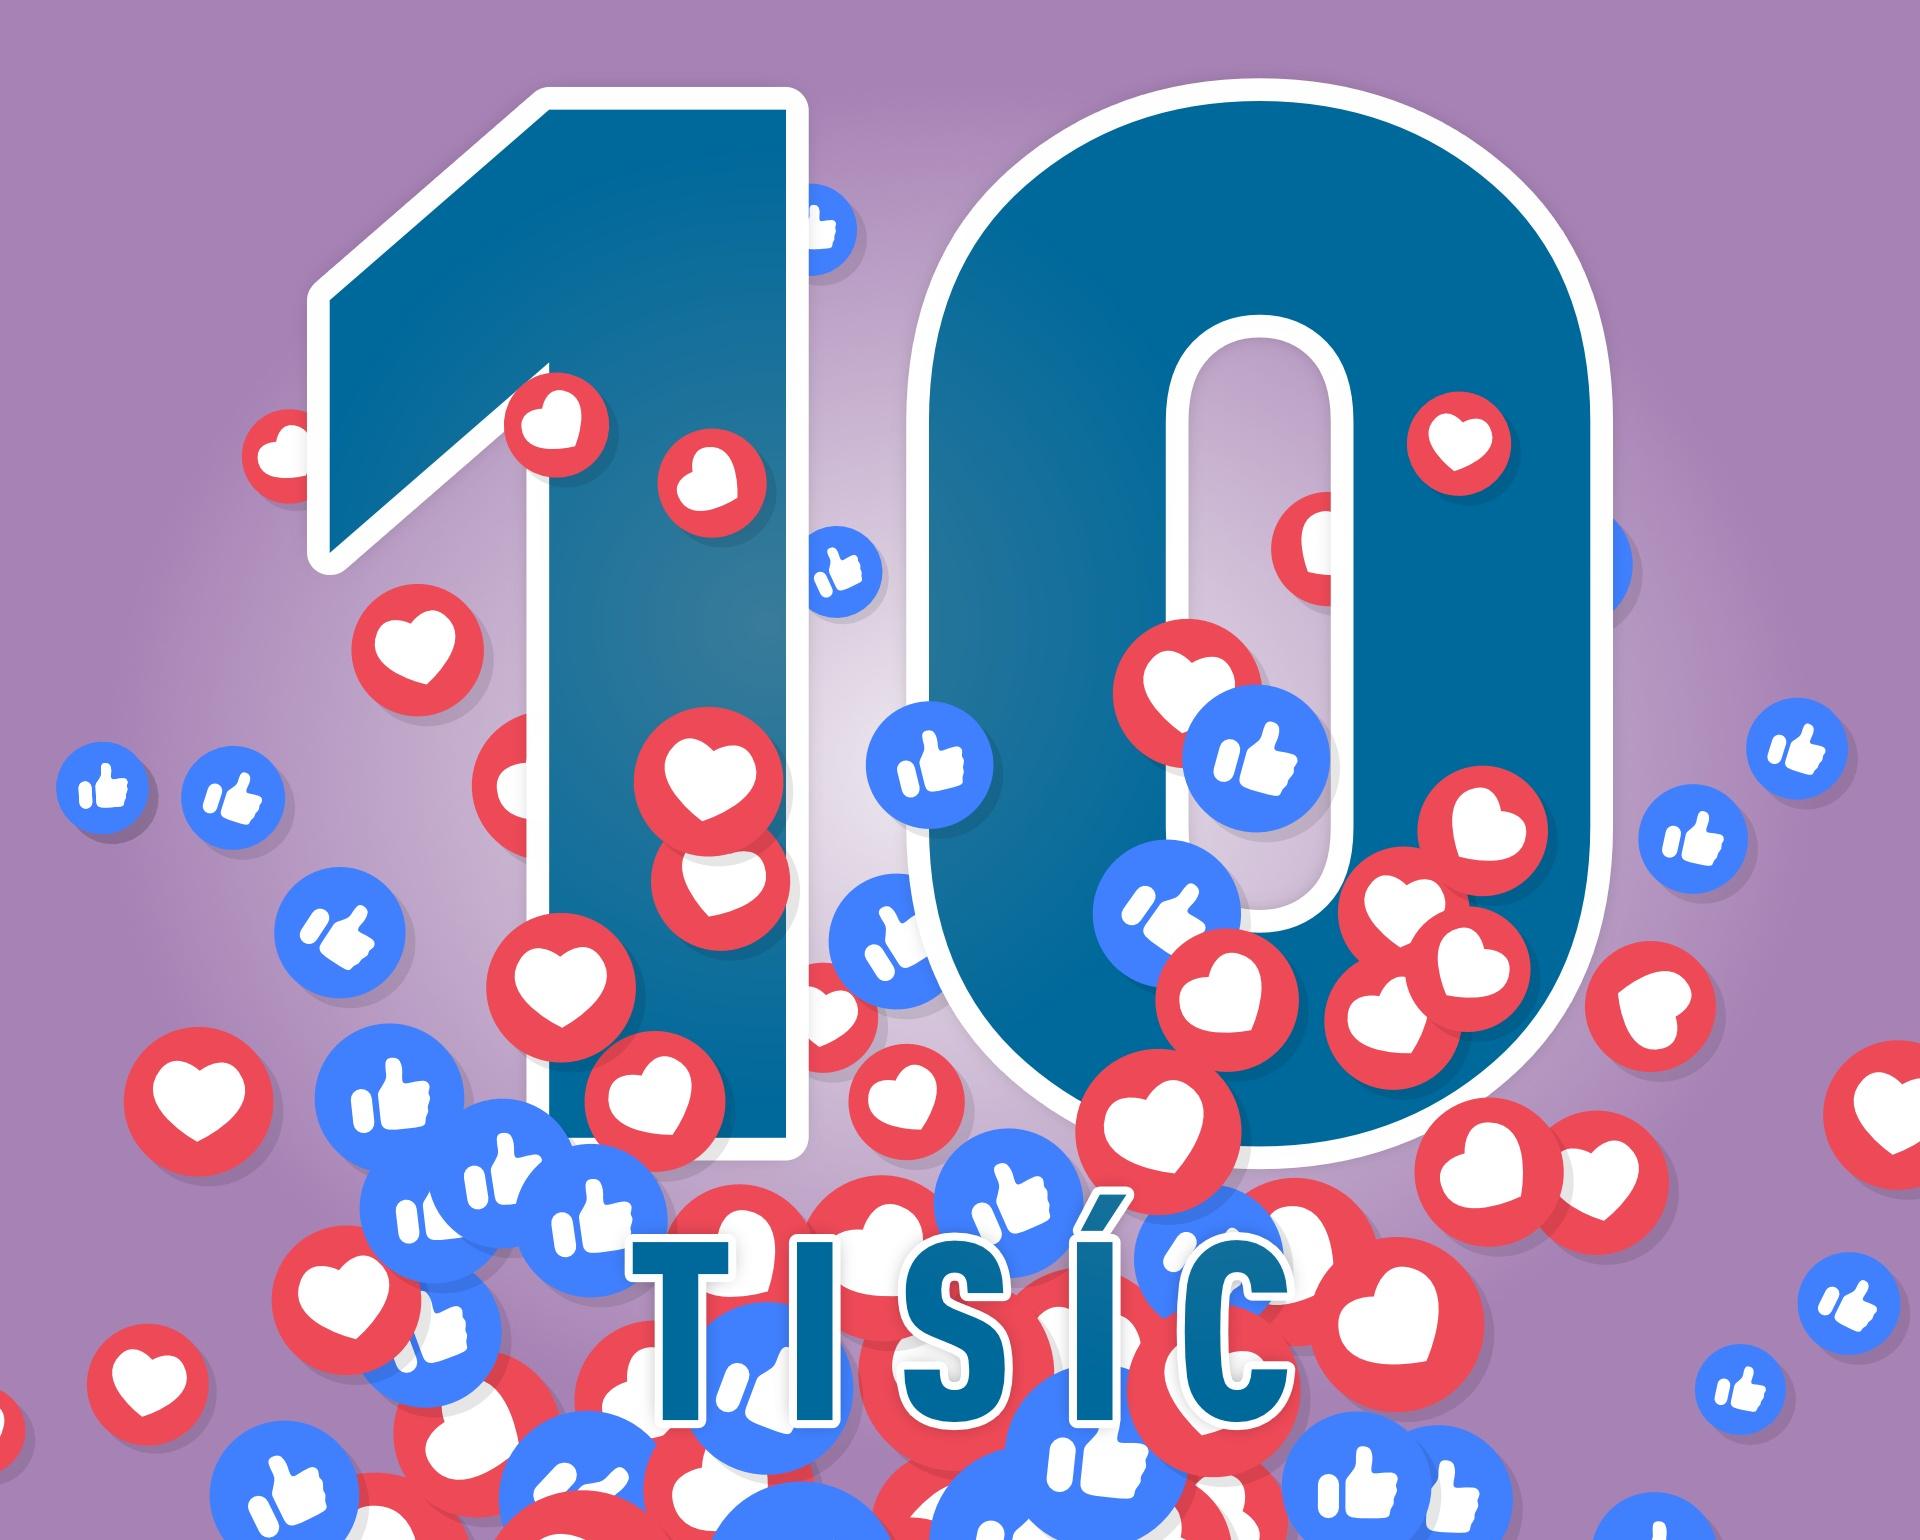 Máme 10 000 fanúšikov facebooku! Ďakujeme všetkým